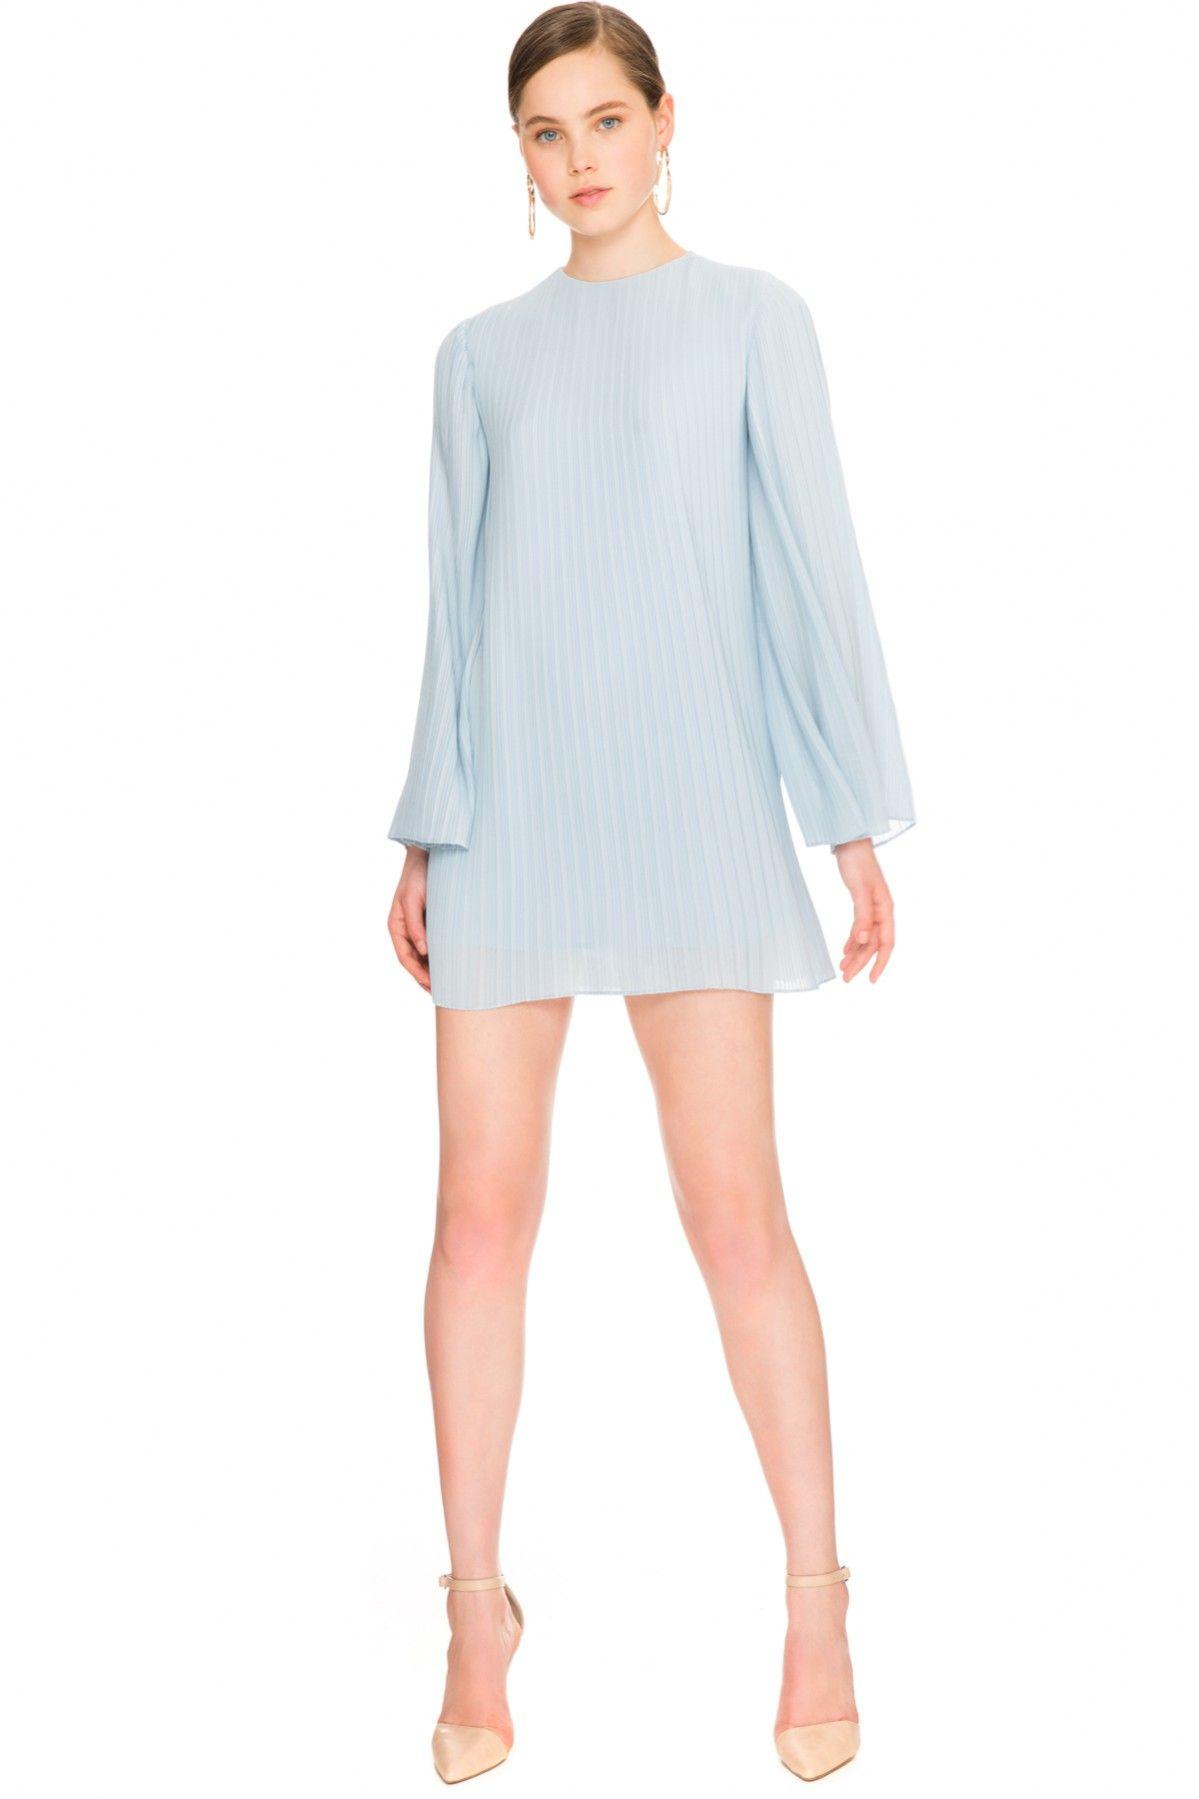 84d6da21d60d KEEPSAKE LISTEN OUT LONG SLEEVE DRESS pastel blue | COLLECTIONS ...